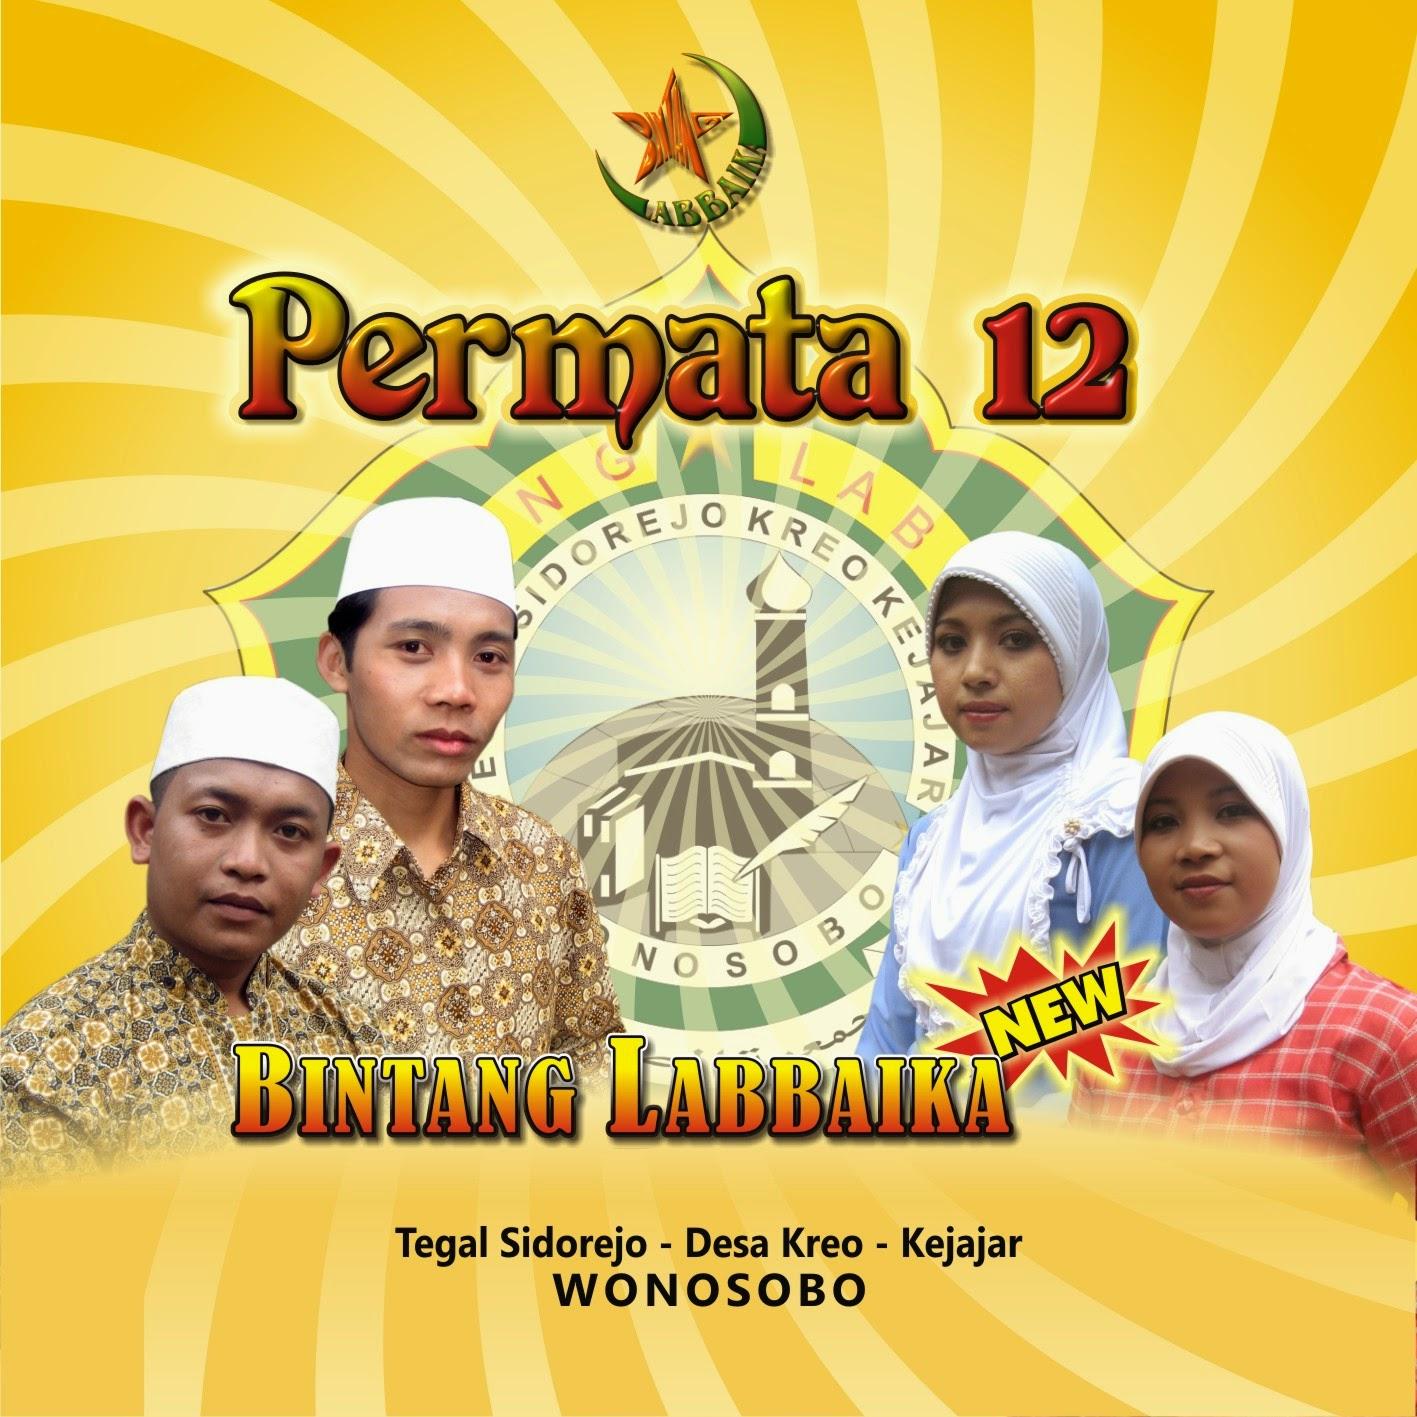 Download Lagu Dangdut Meraih Bintang: PONPES ROUDLOTUL HUDA GIRITIRTA: DOWNLOAD LAGU SHOLAWAT